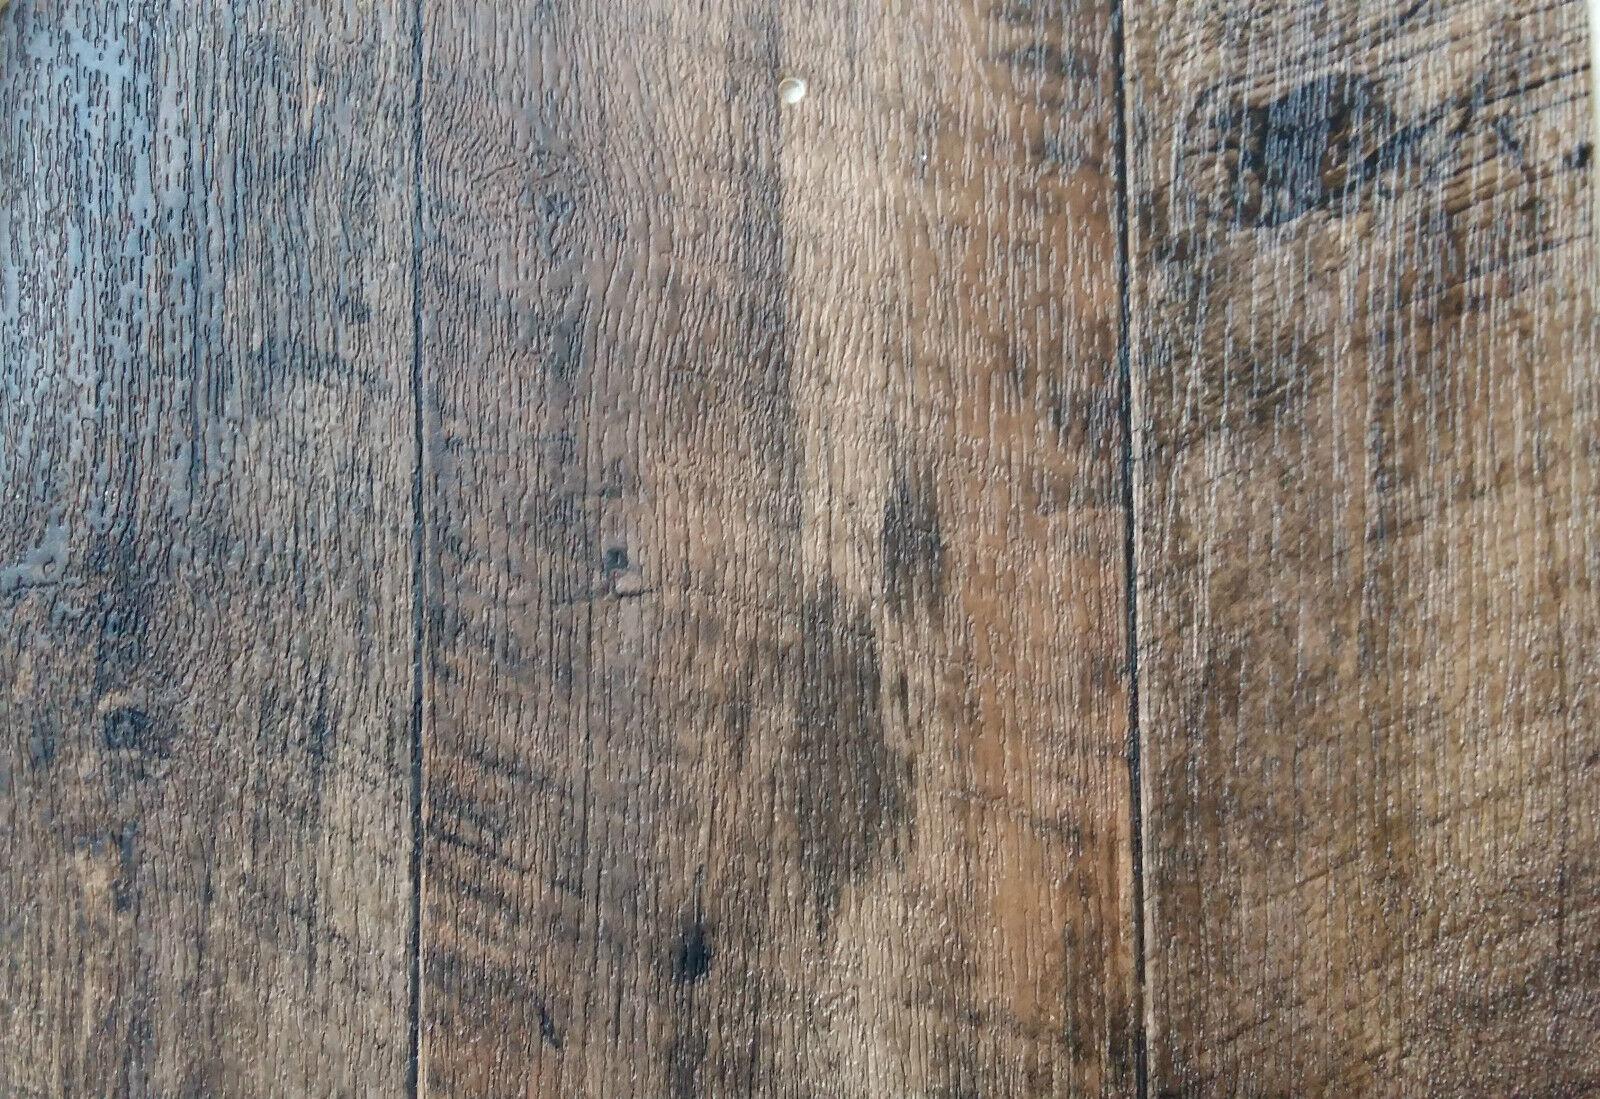 CV-Belag Holz Optik Struktur Elastischer Bodenbelag 4m Breite PVC  /qm 503